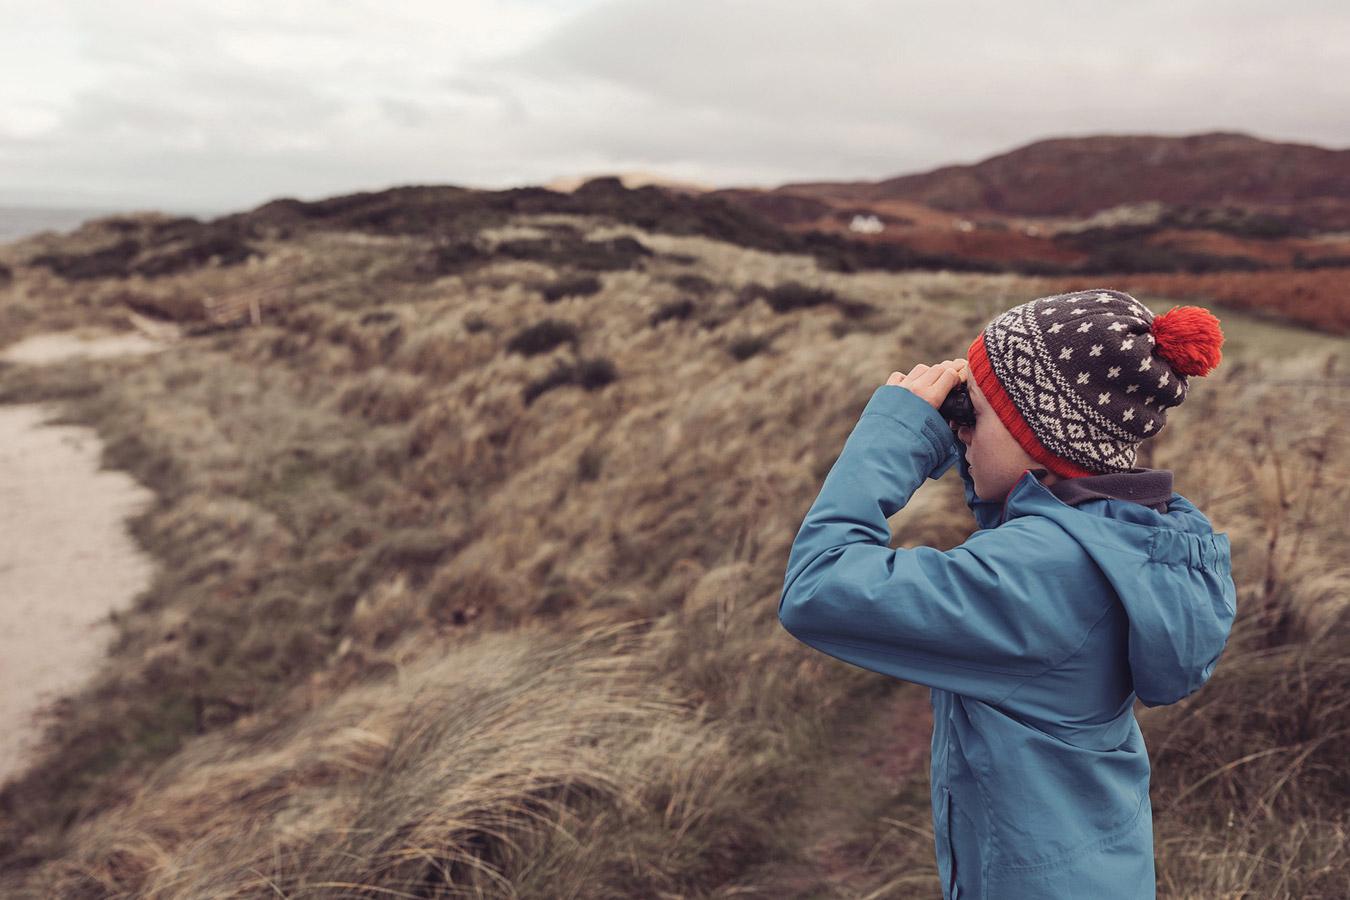 Тире Доусон / Tiree Dawson, Великобритания, Финалист в категории «Дети», Фотоконкурс «Семья» — Rangefinder Family